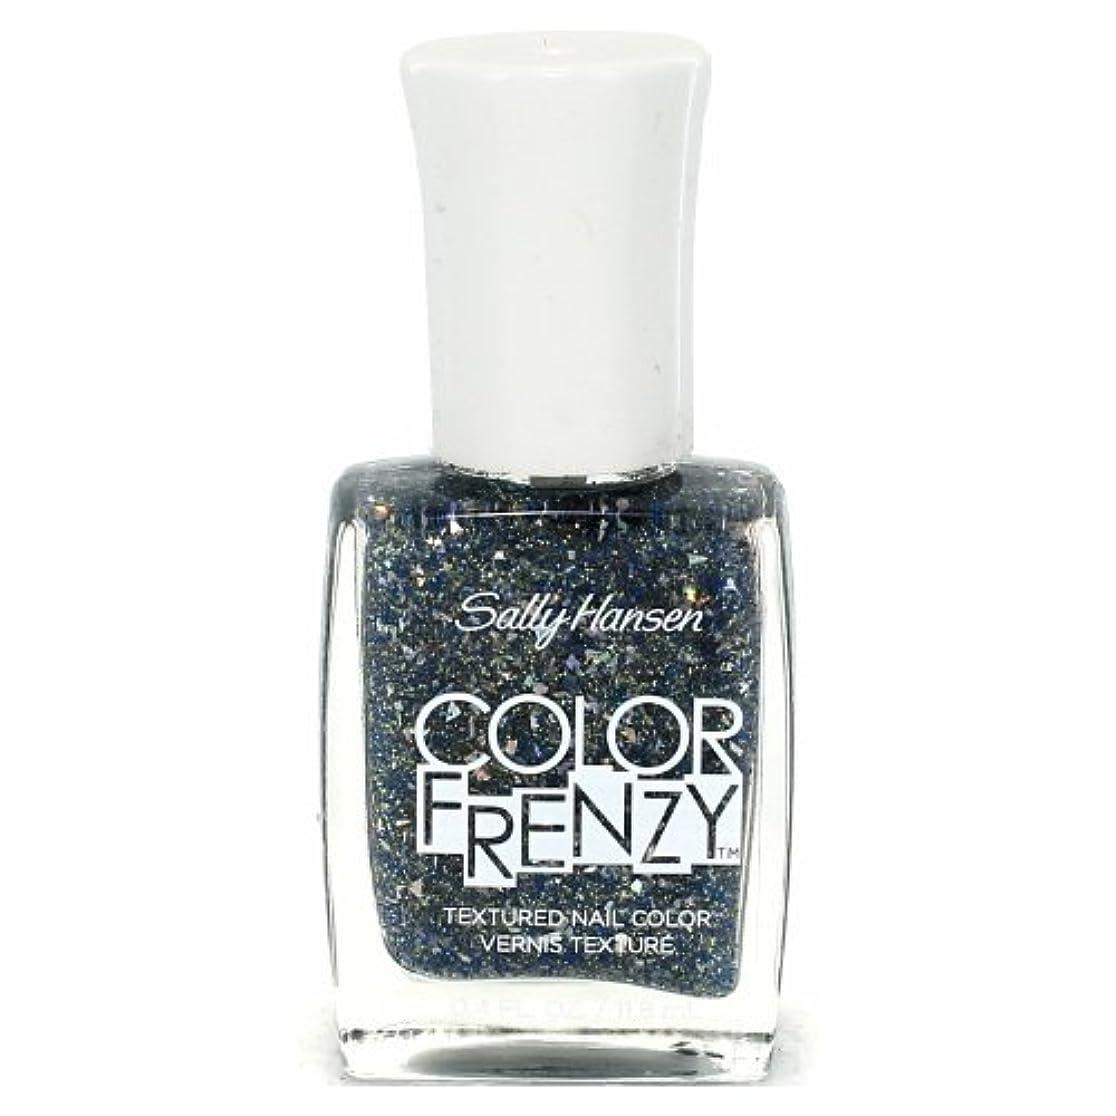 病なストッキングシリーズ(6 Pack) SALLY HANSEN Color Frenzy Textured Nail Color - Sea Salt (並行輸入品)